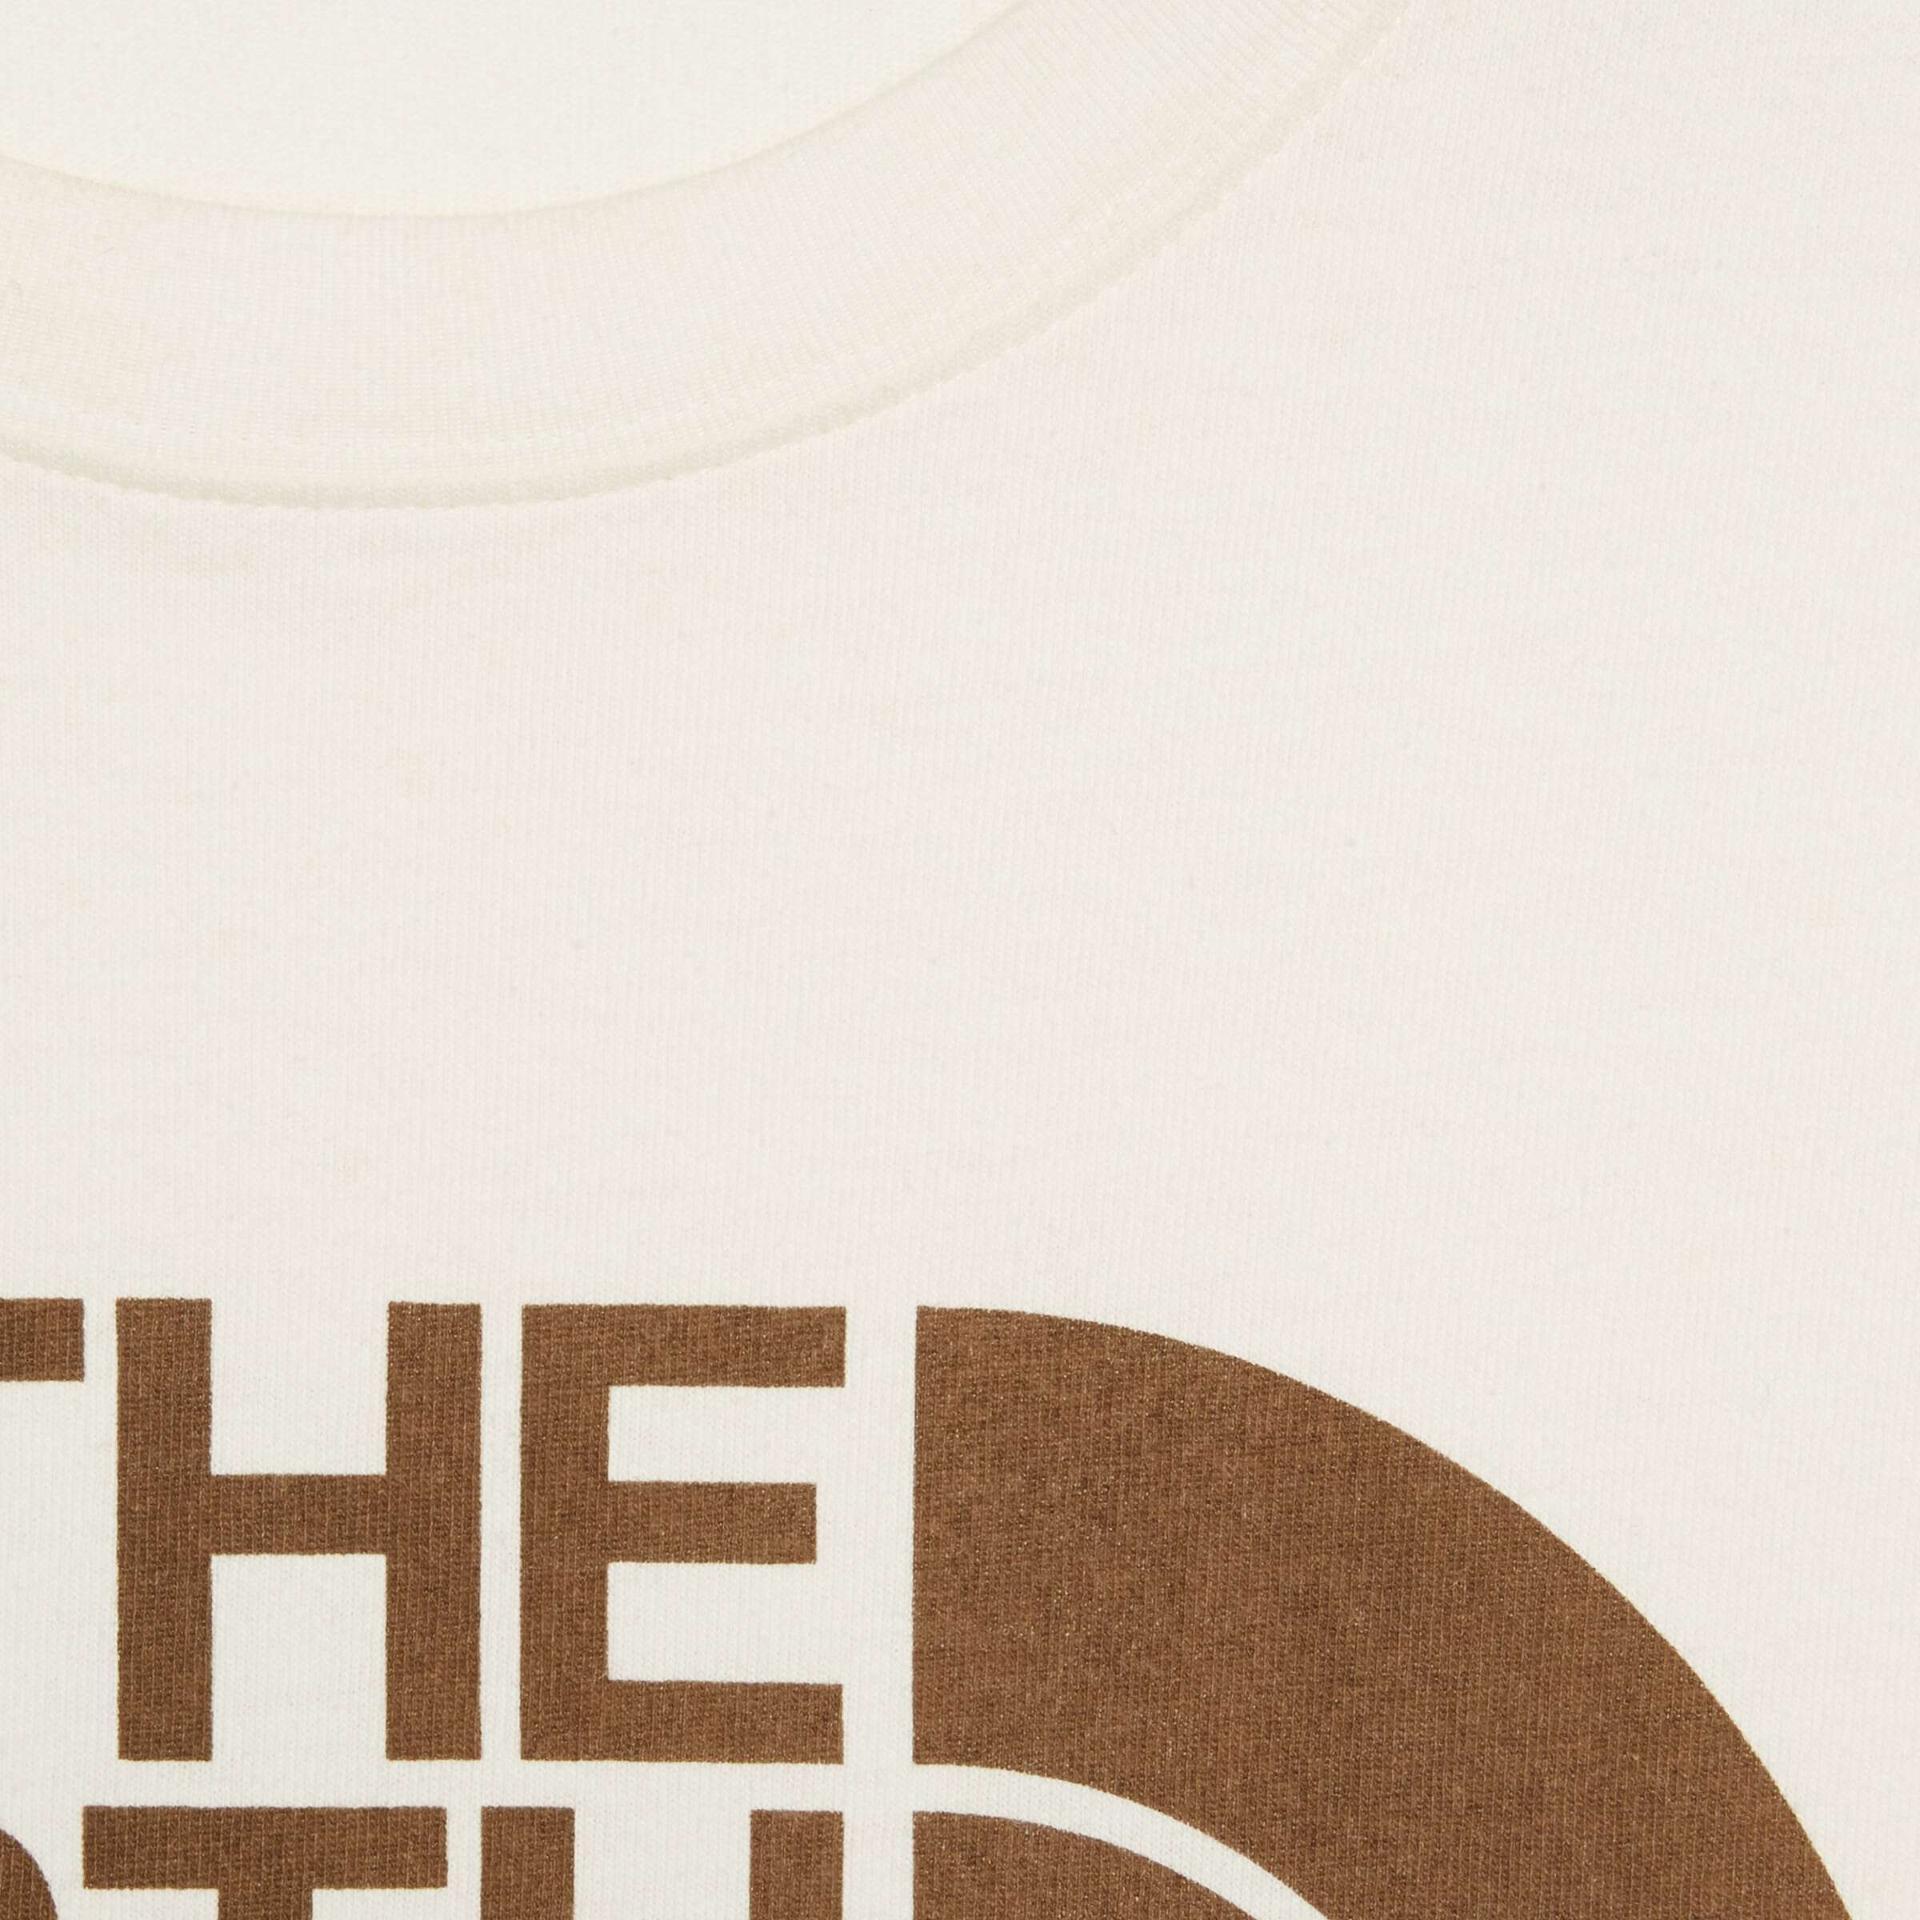 유럽직배송 구찌 GUCCI Gucci - The North Face x Gucci oversize T-shirt 616036XJDCL9756